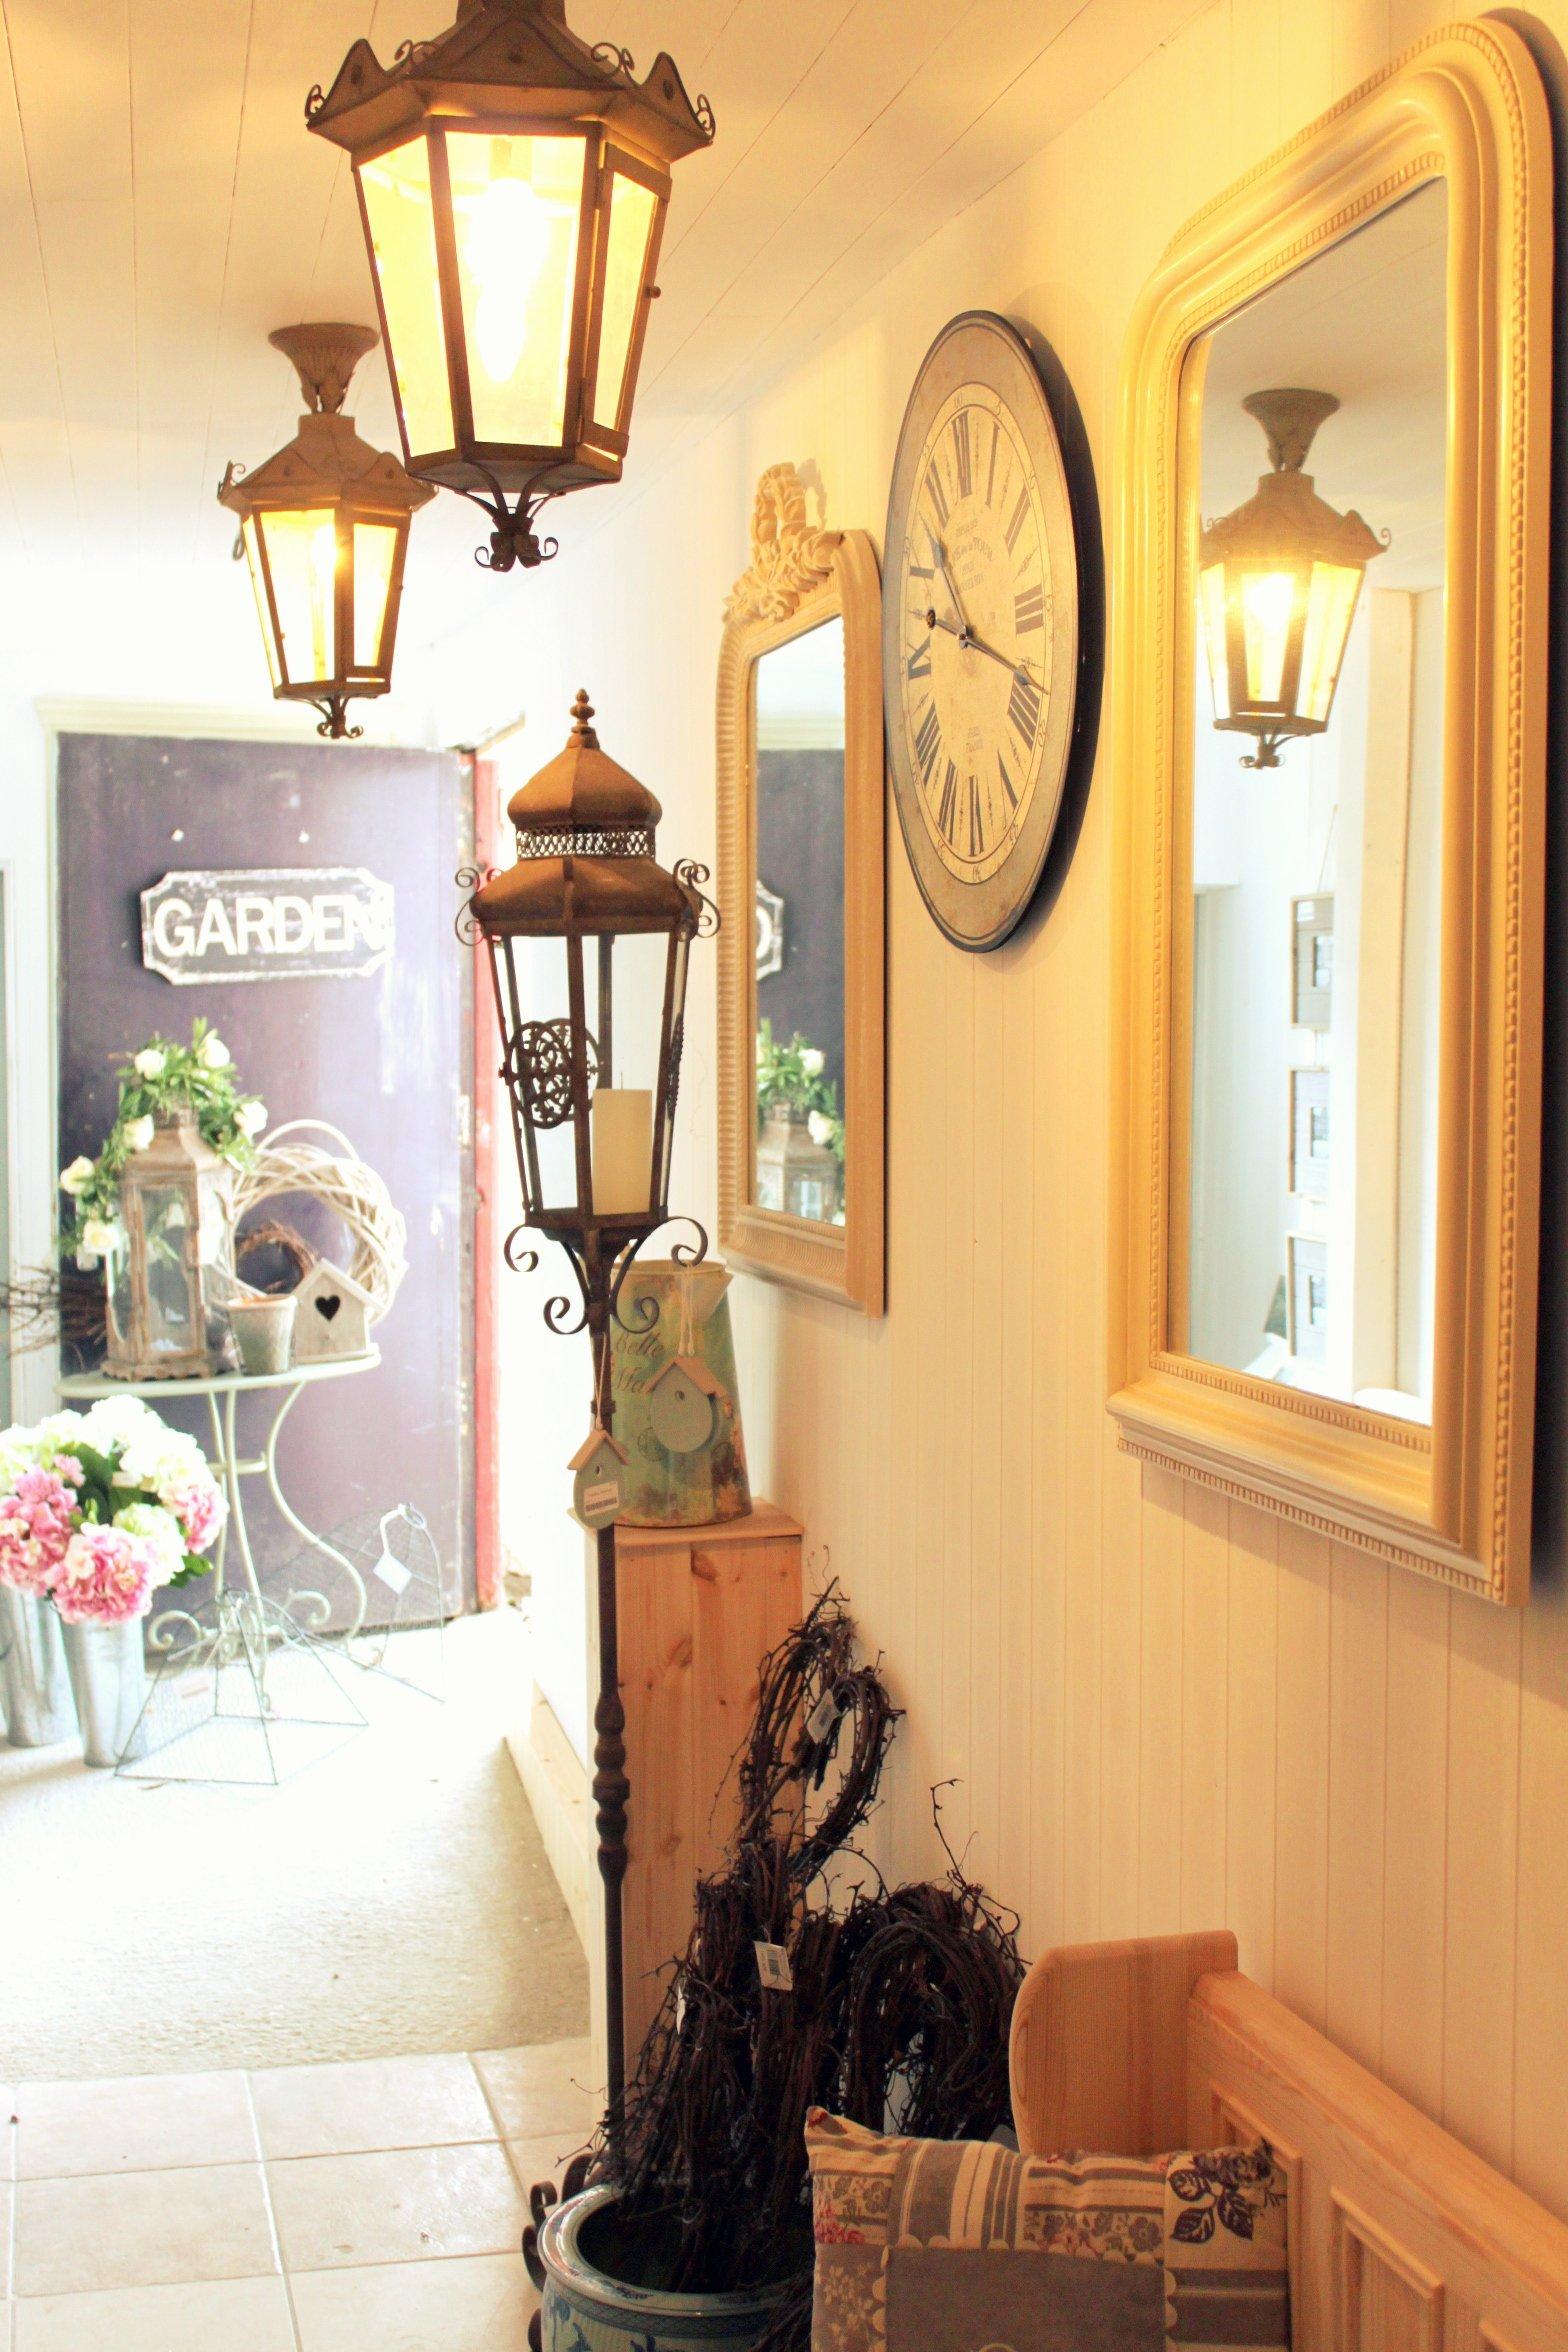 mobilier-vintage-petit-et-étroit-couloir-design-avec-un-éclairage-intérieur-chaleureux